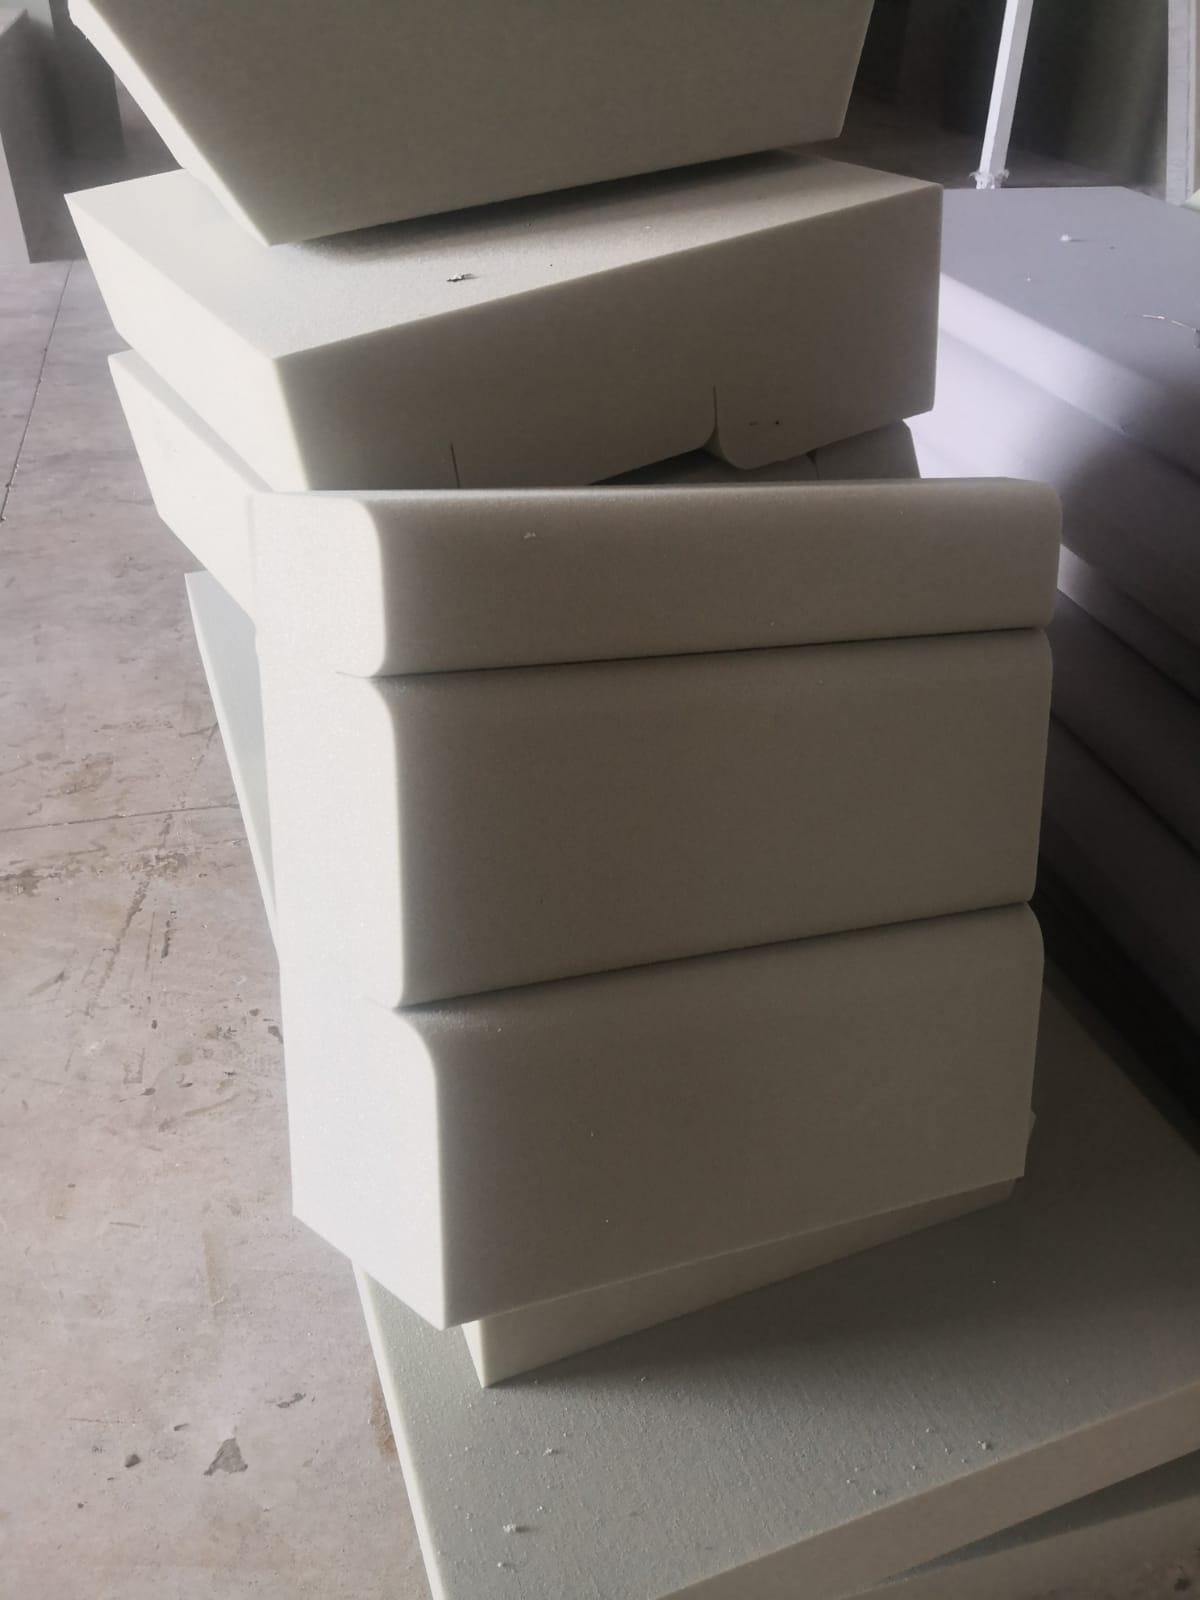 mermerkaya sünger imalatı şanlıurfa